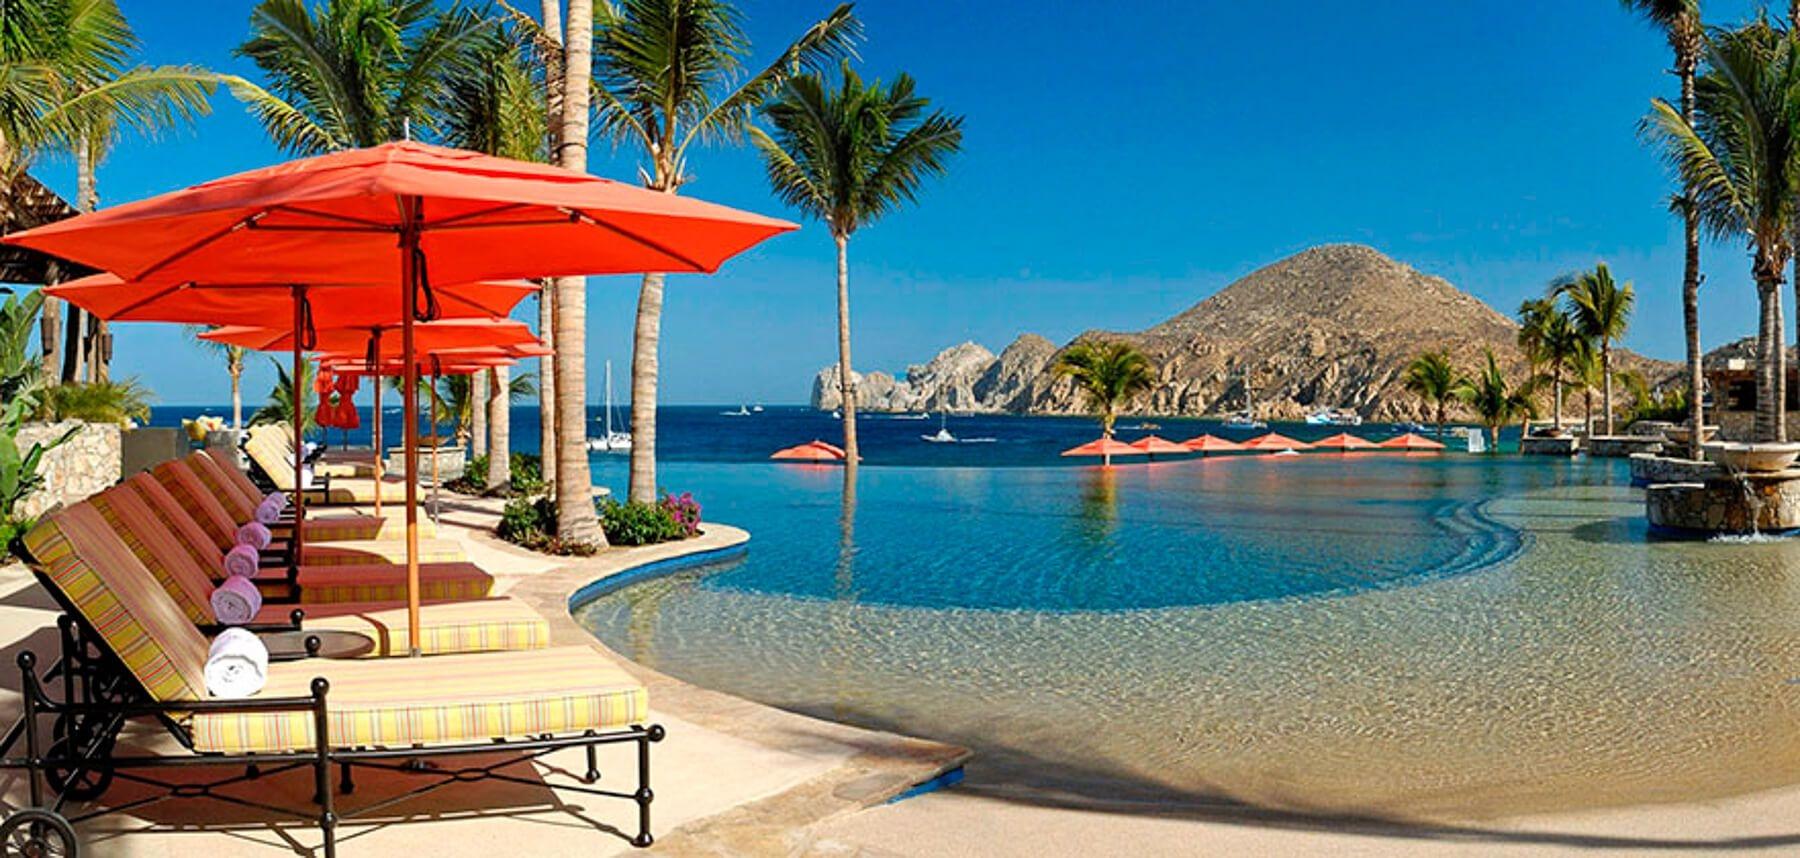 Luxury vacation rentals mexico - Los cabos - Cabo - Medano beach - Hacienda Tranquila - Image 1/22